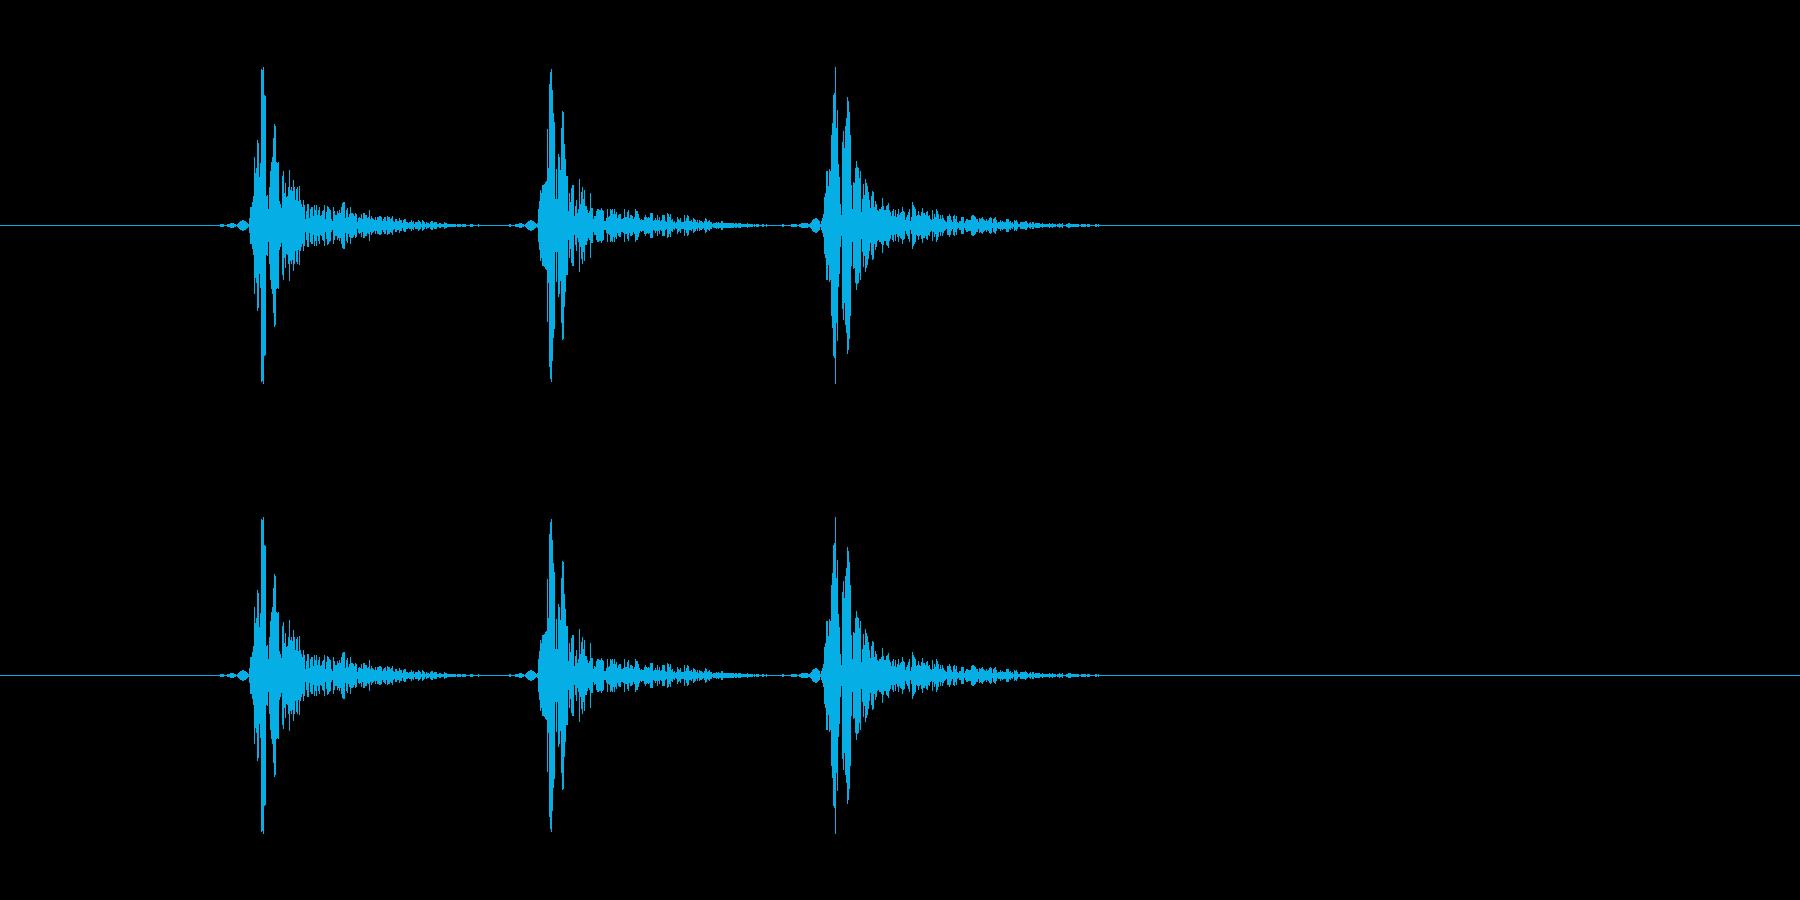 「コンコンコン!」ドアをノックする音で…の再生済みの波形